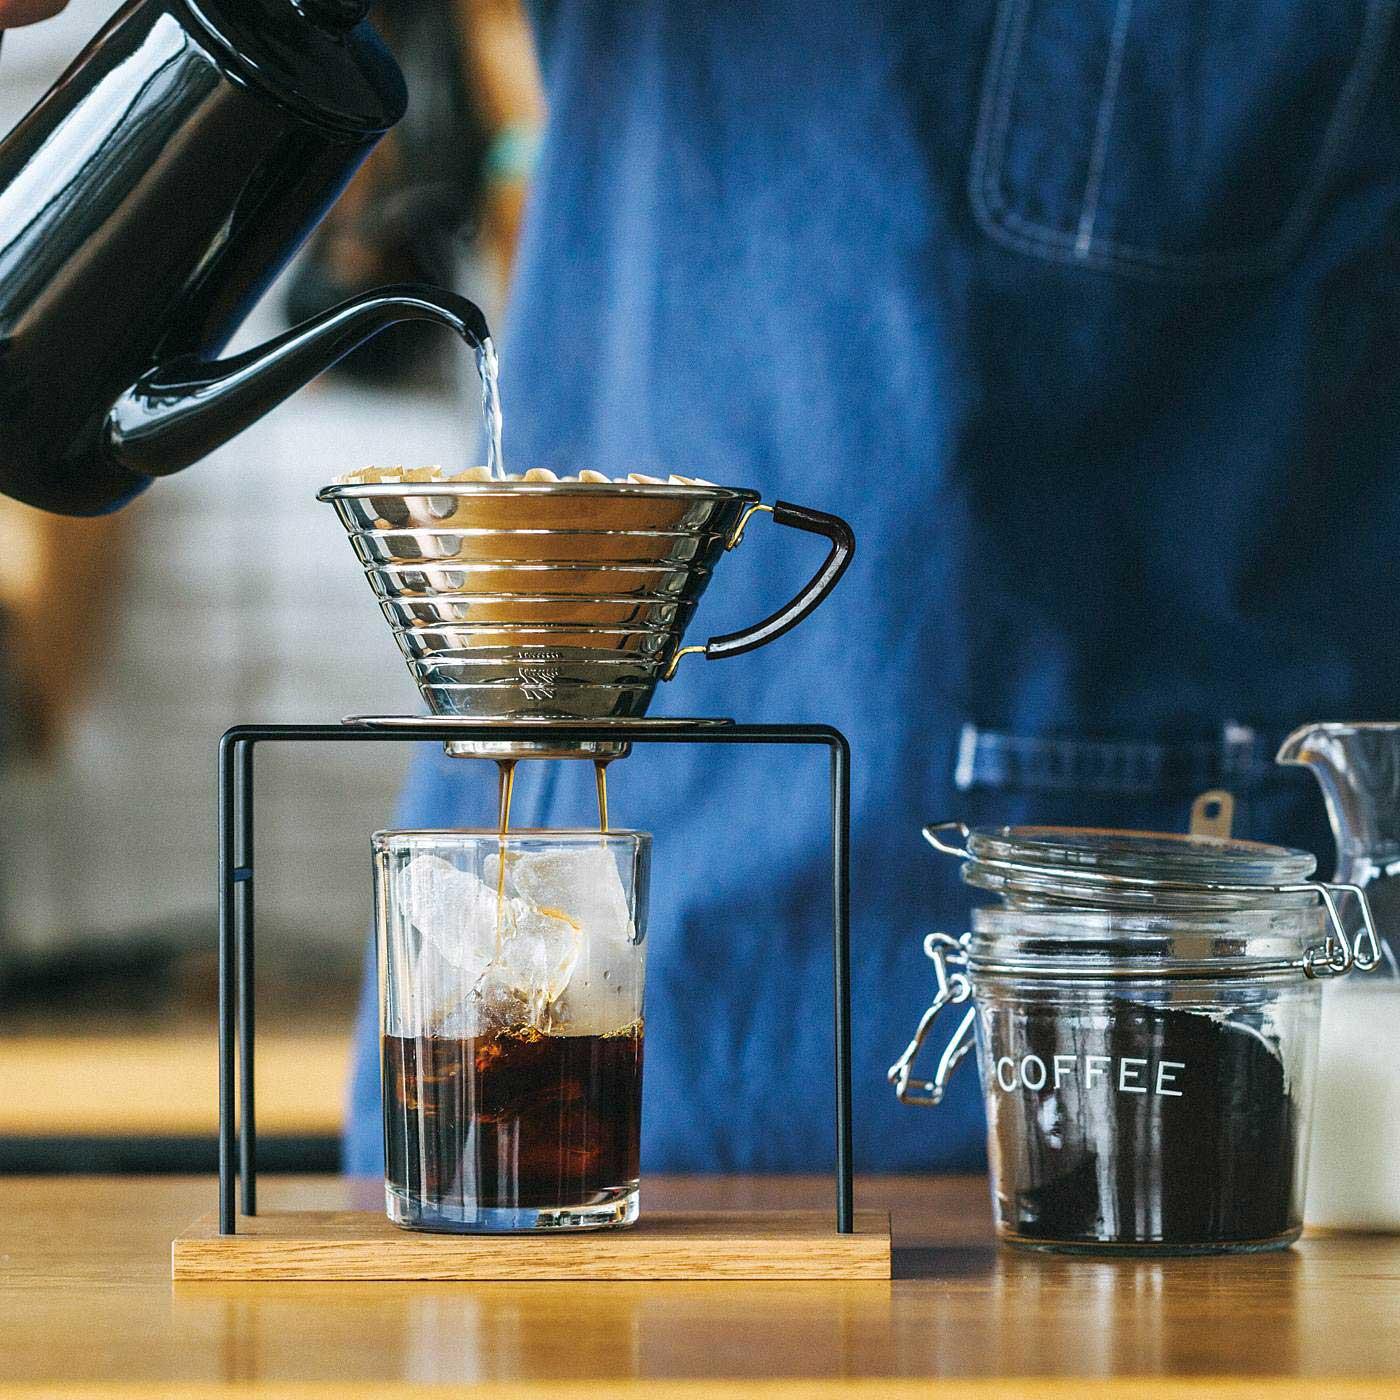 氷が入ったグラスにドリップして、アイスコーヒーも楽しめます。